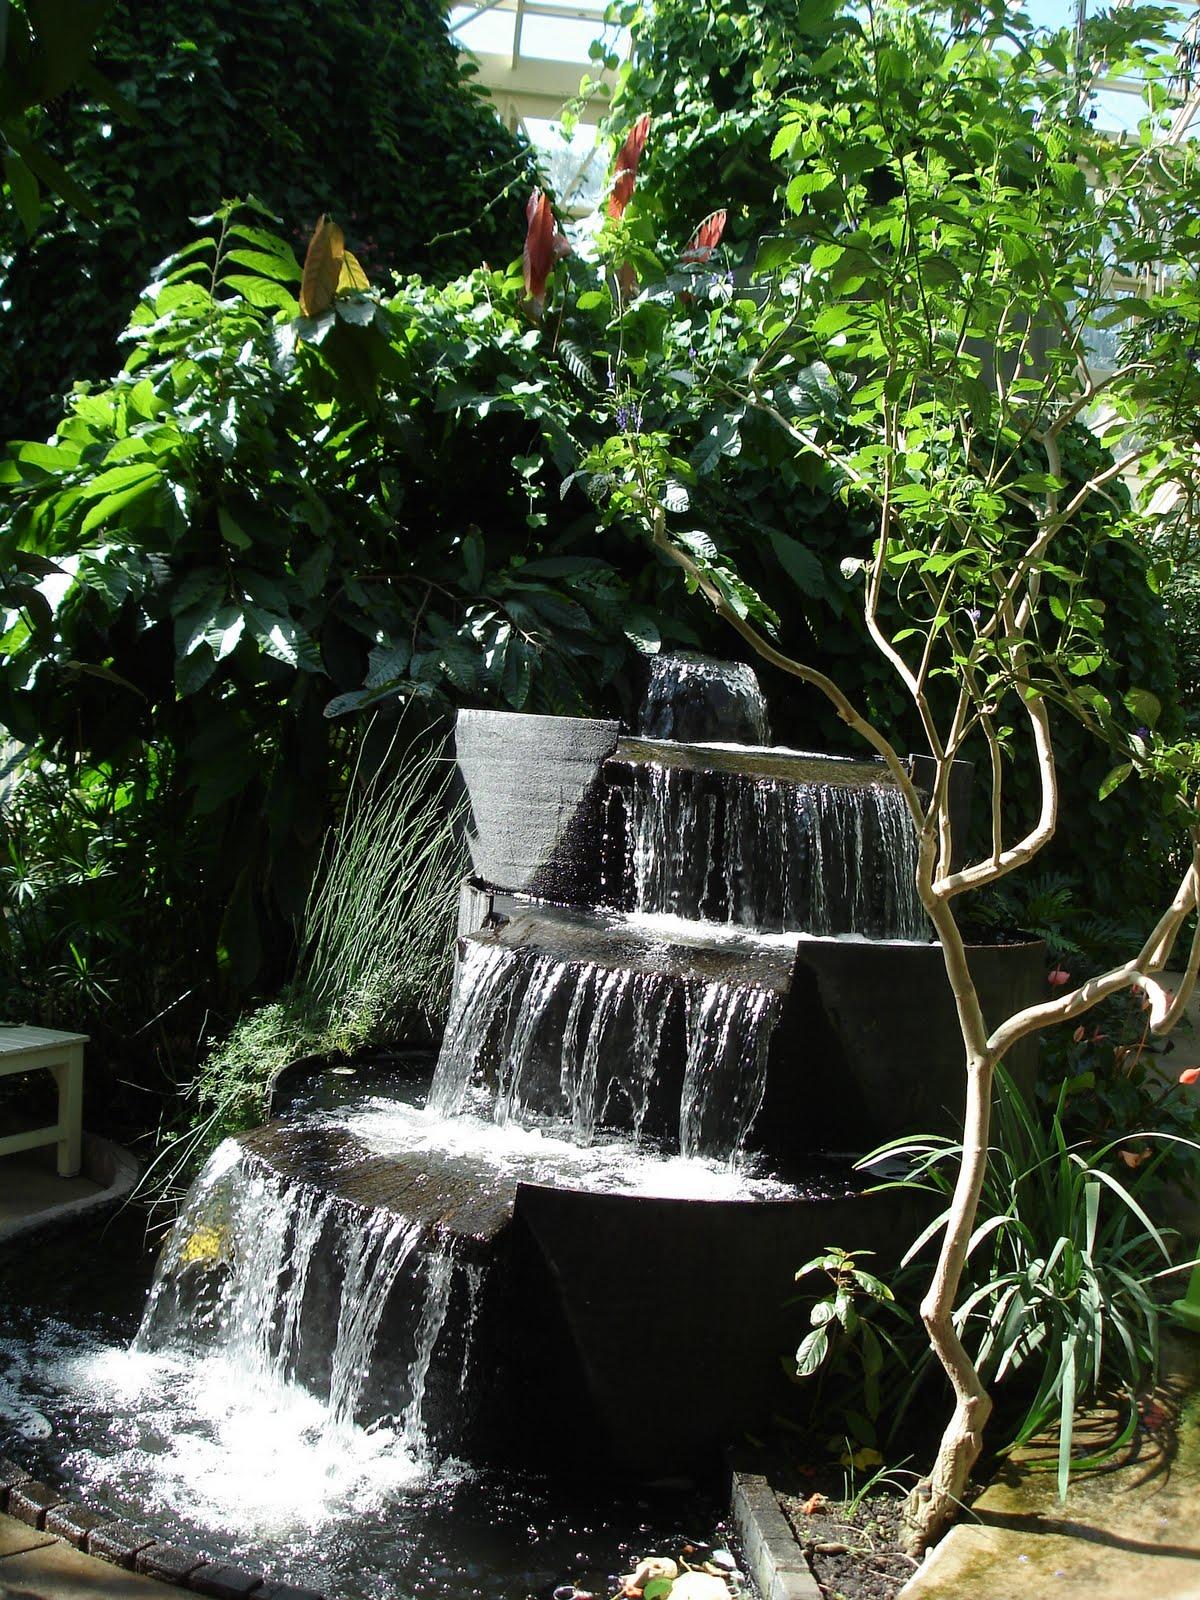 Callaway Gardens Anne Wainscott